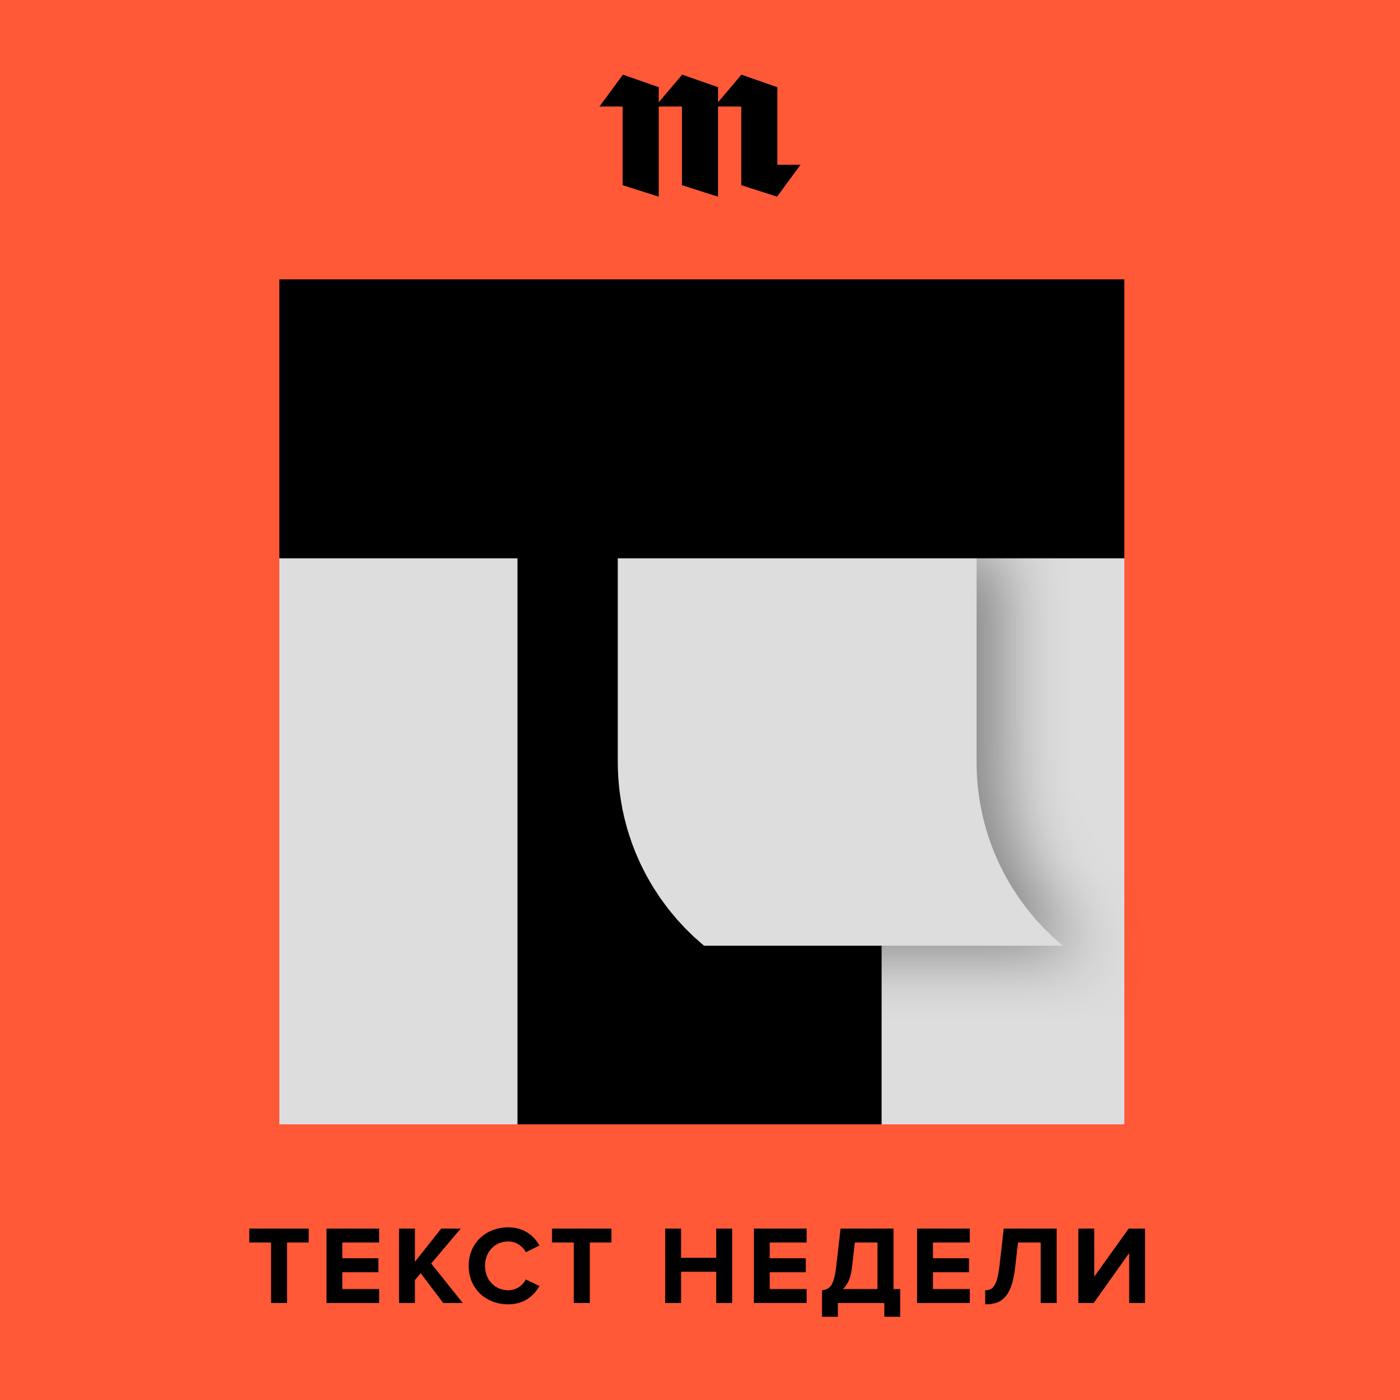 «Минск-Пассажирский». Как в Белоруссии казнят преступников